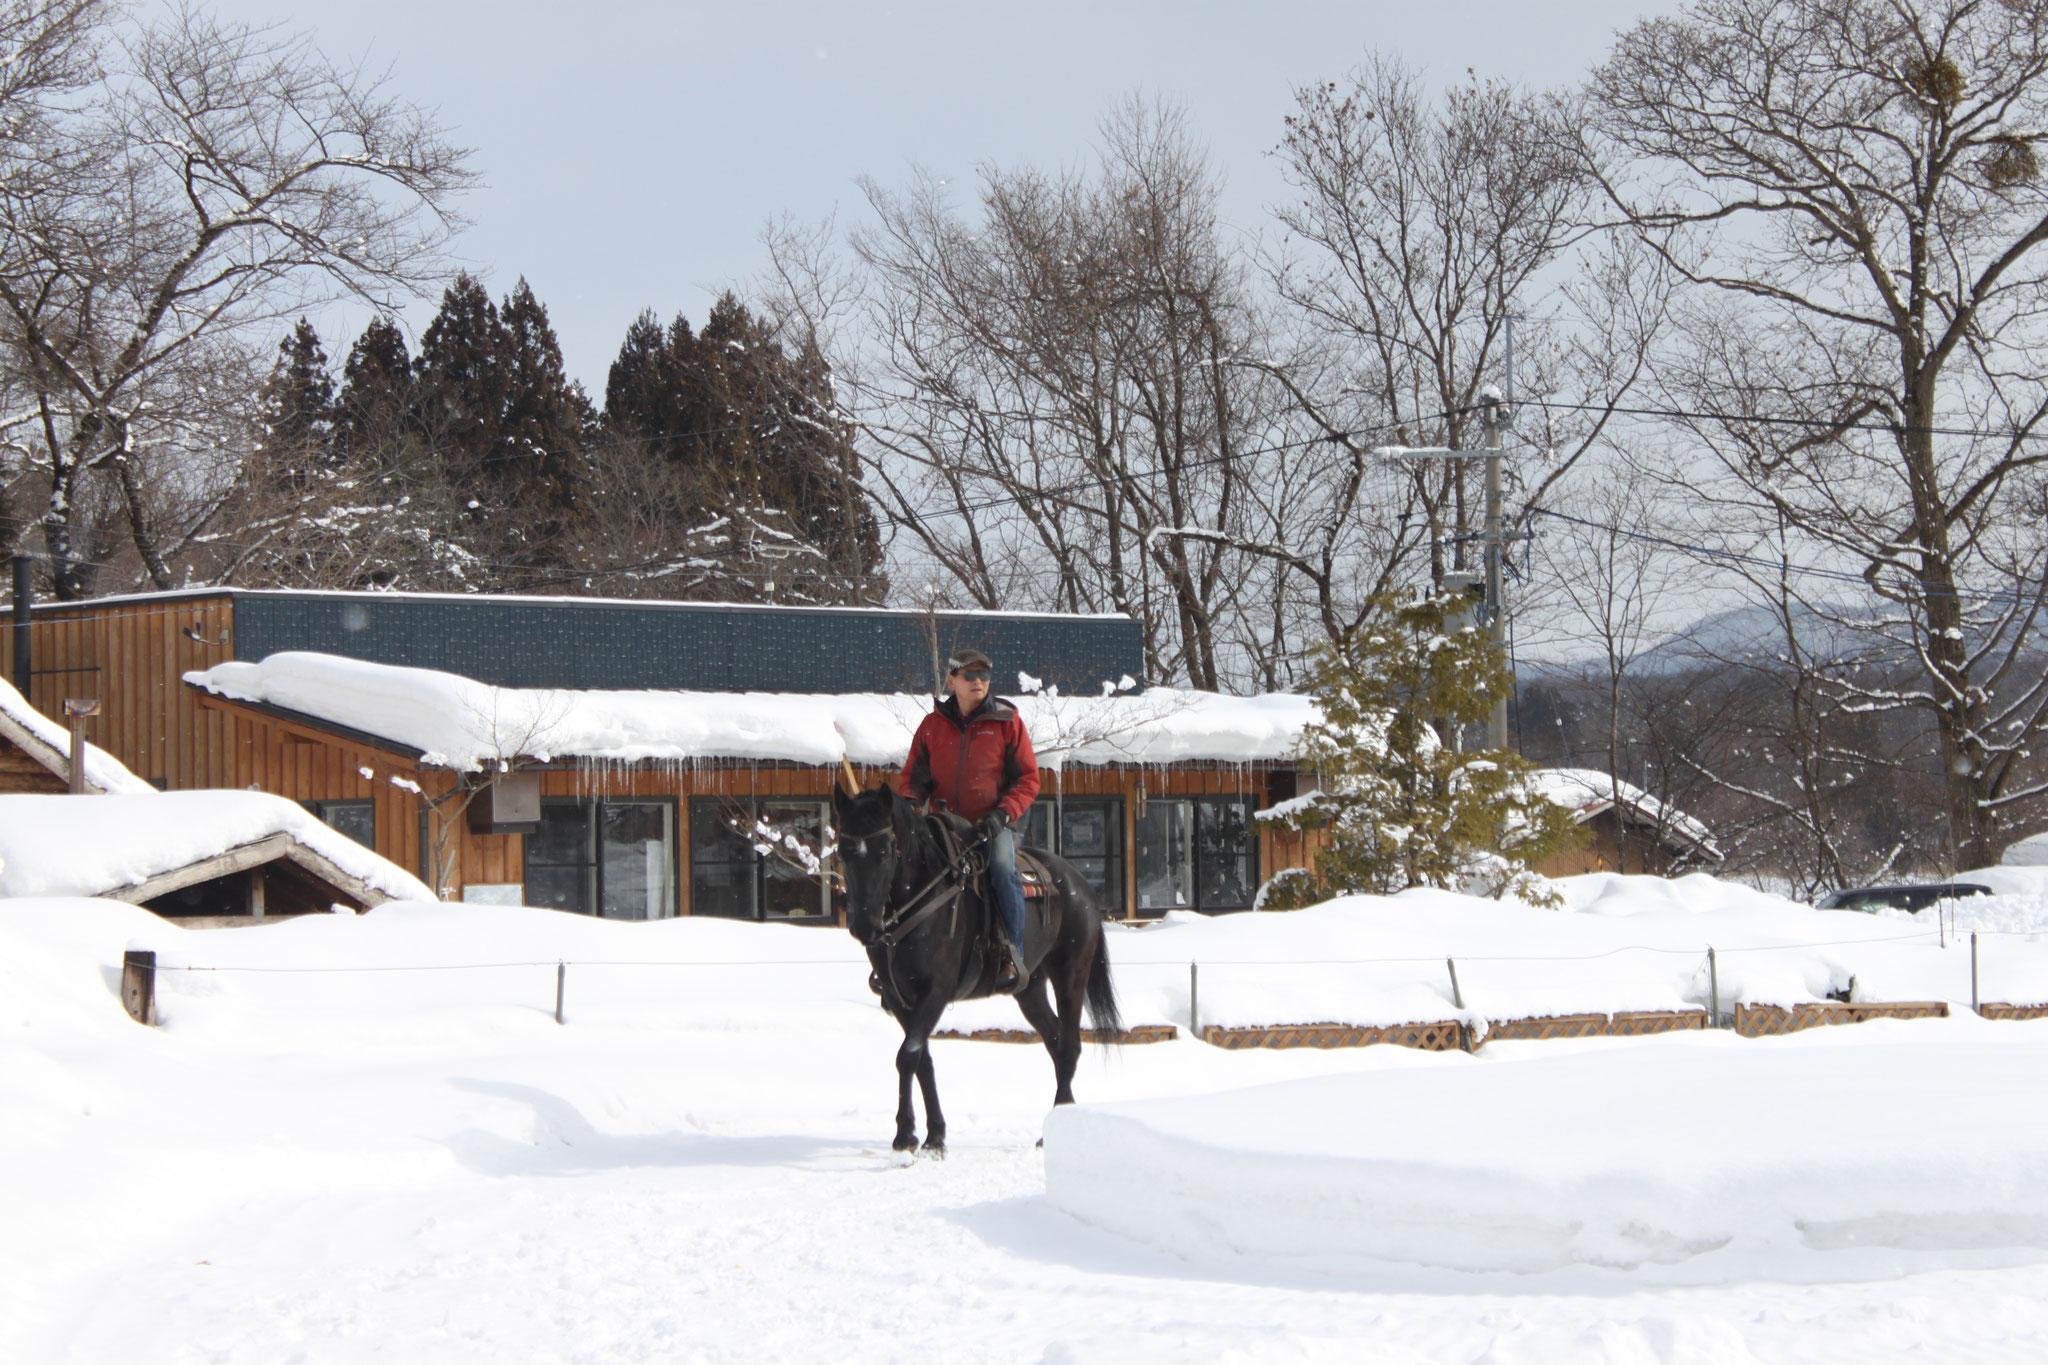 冬:雪が積もった上を乗馬